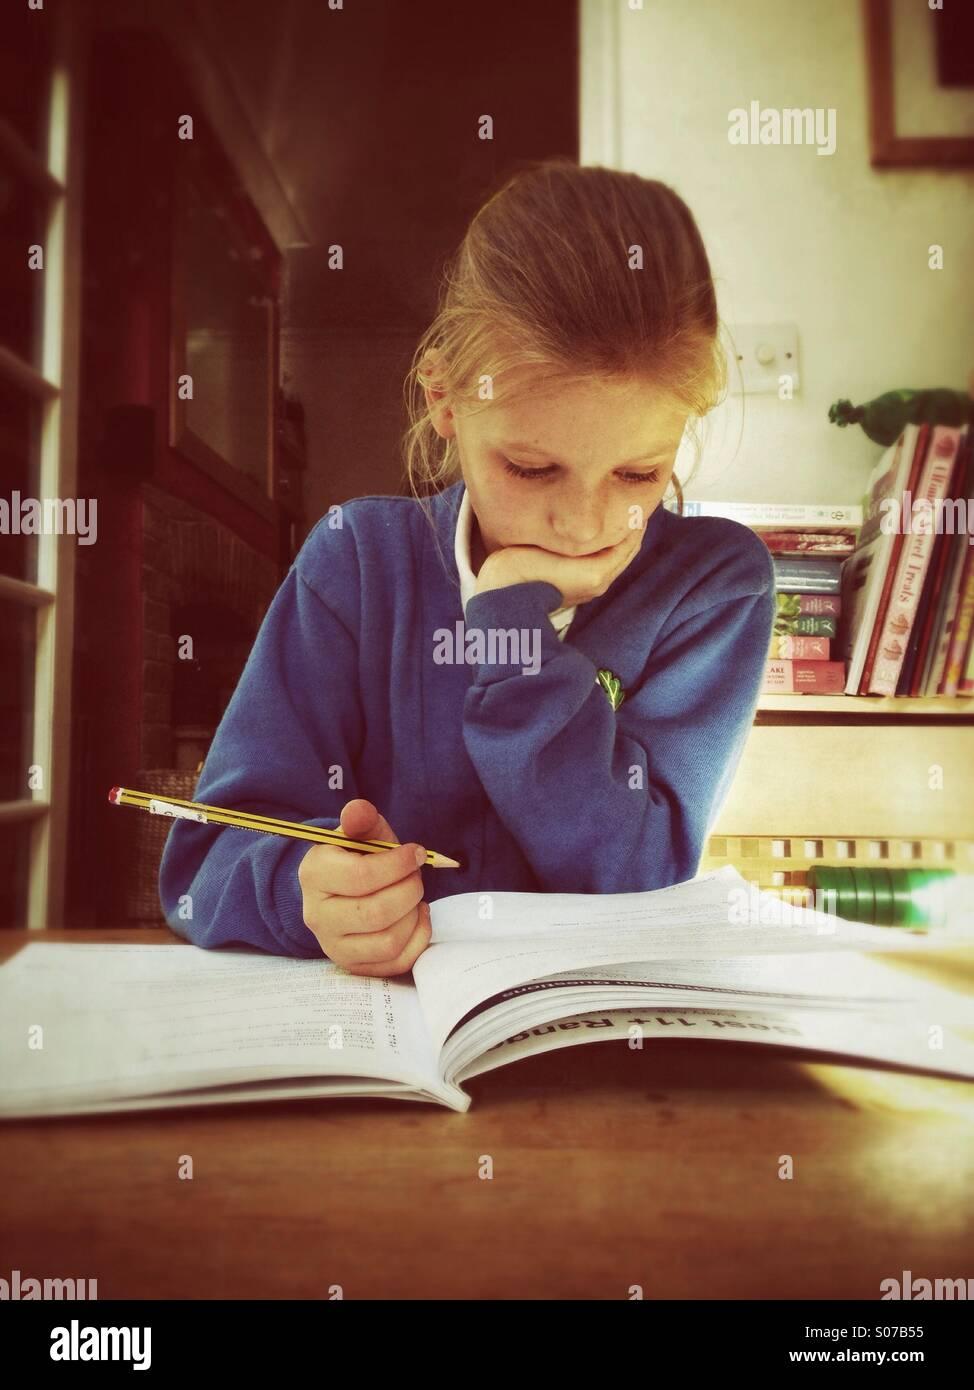 Child studying - Stock Image